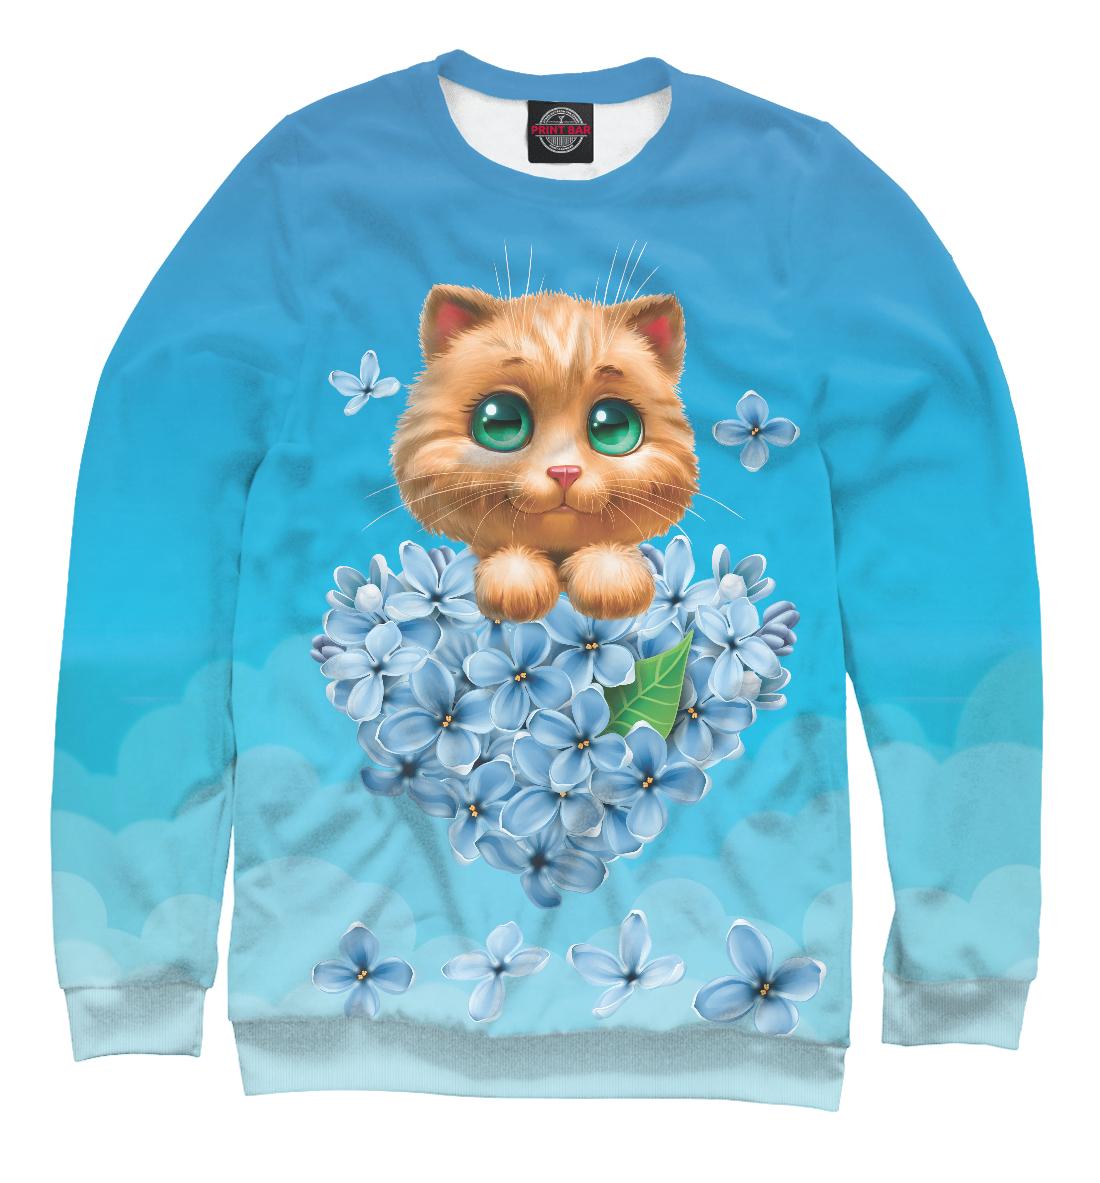 Купить Котенок и сердце из цветов, Printbar, Свитшоты, CAT-880225-swi-1